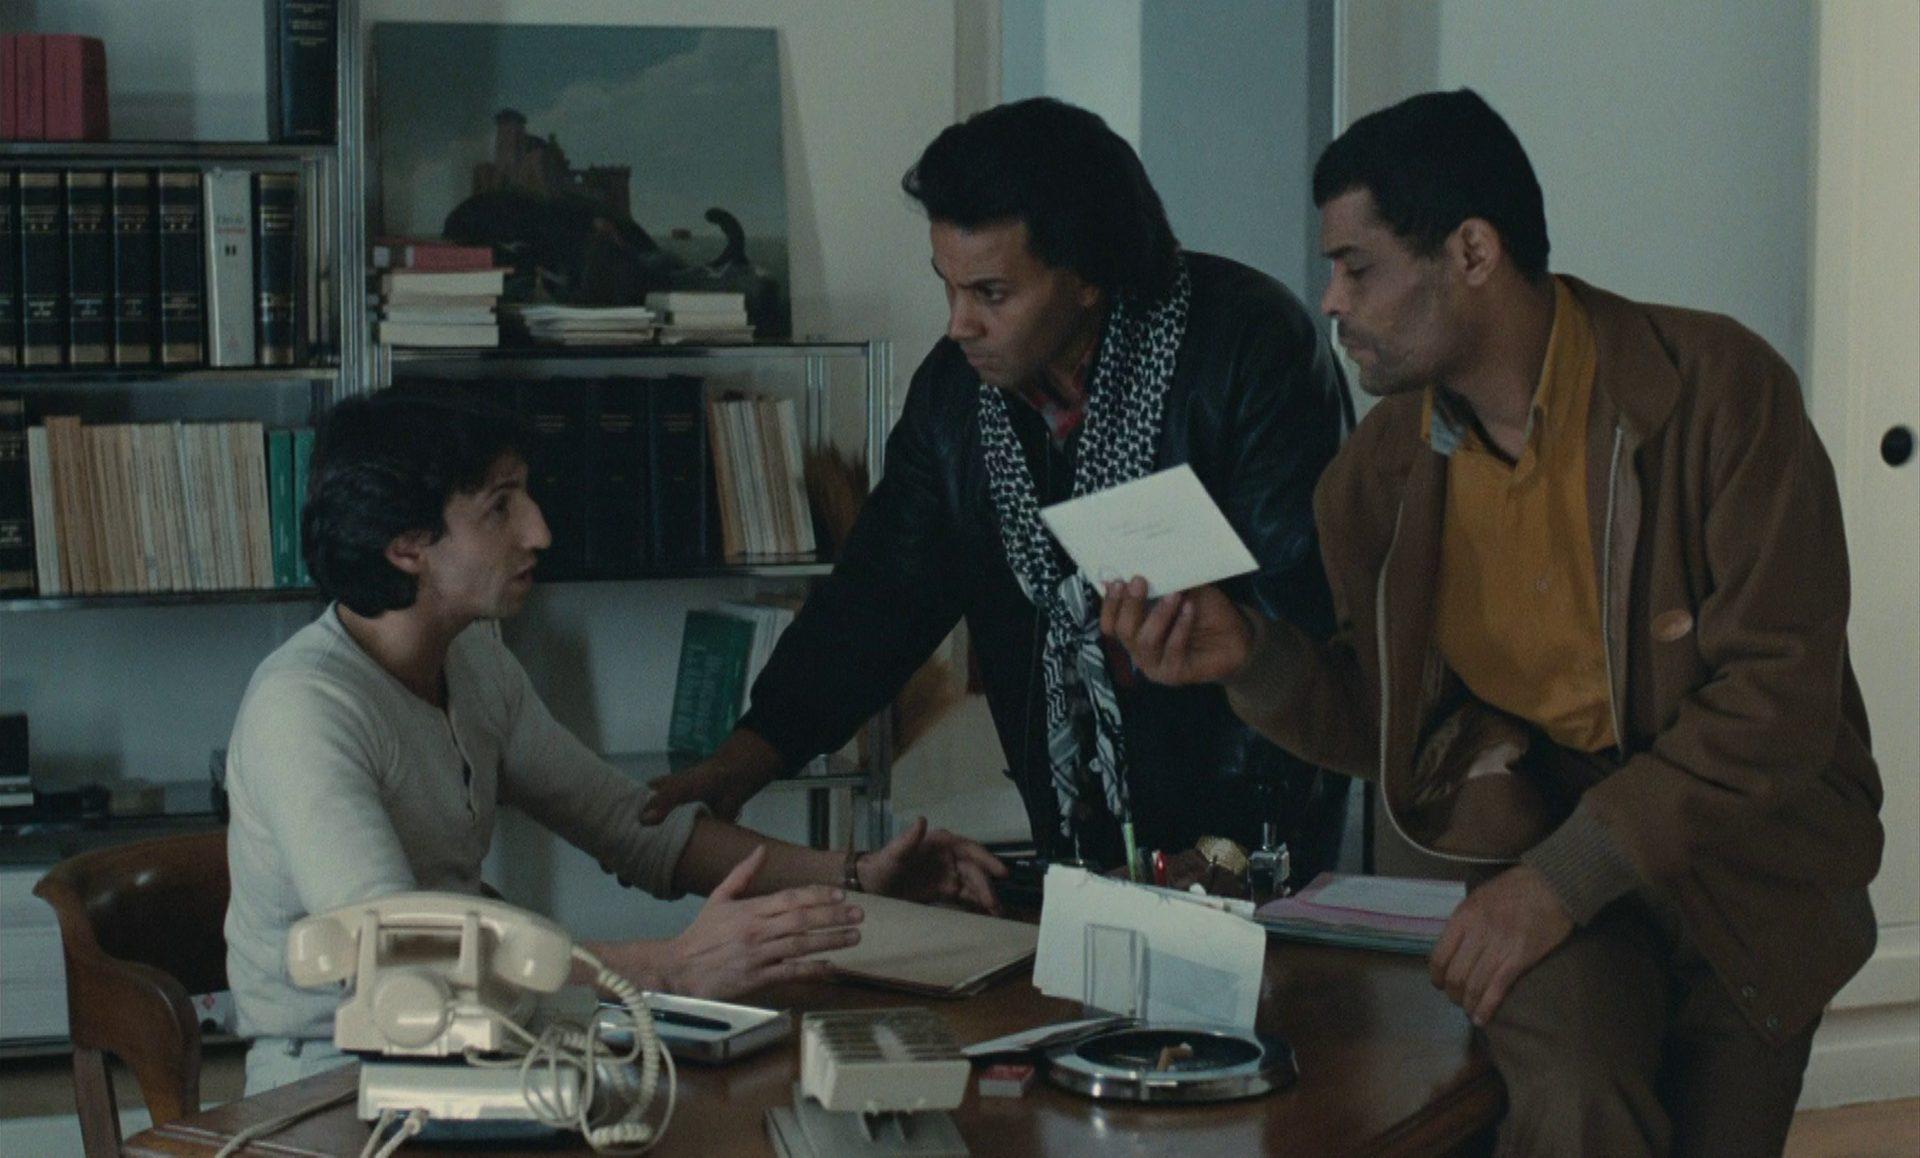 Szene aus 'Der Bulle von Paris(1985)', Copyright: Gaumont, TF1Films Production